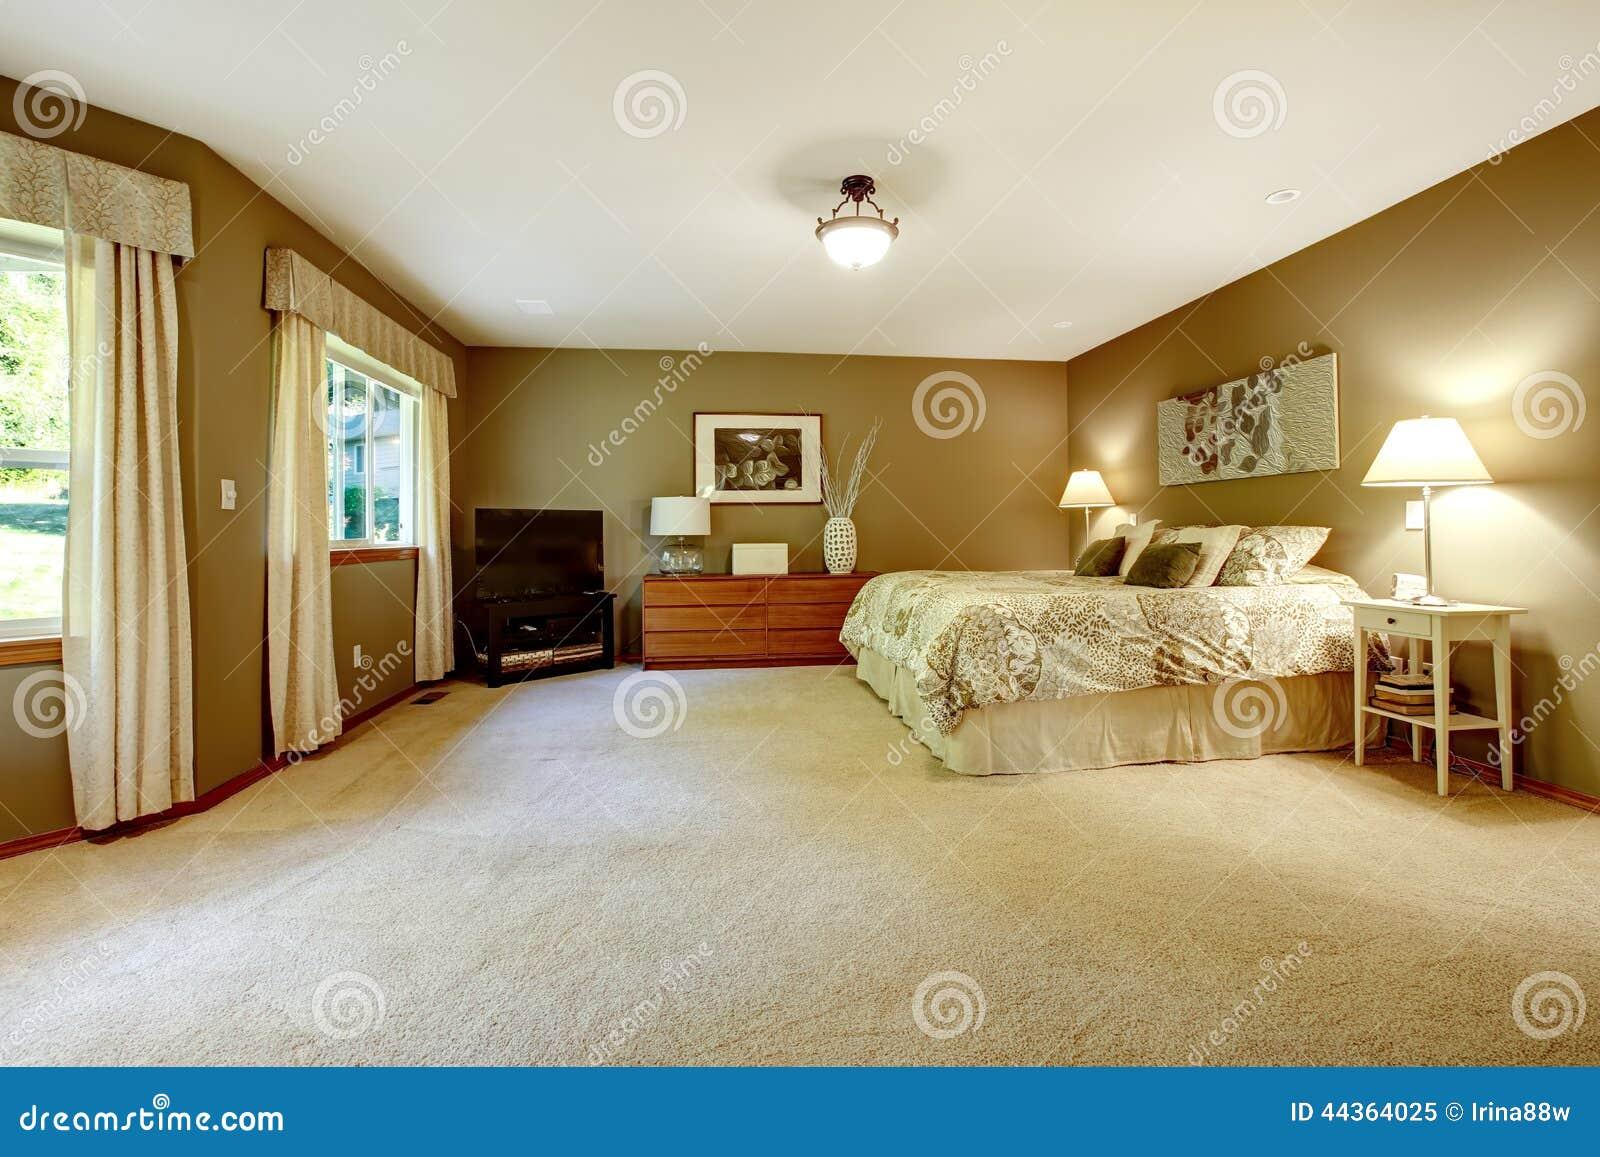 Ruime Warme Slaapkamer Met Bruine Muren Stock Foto - Afbeelding ...